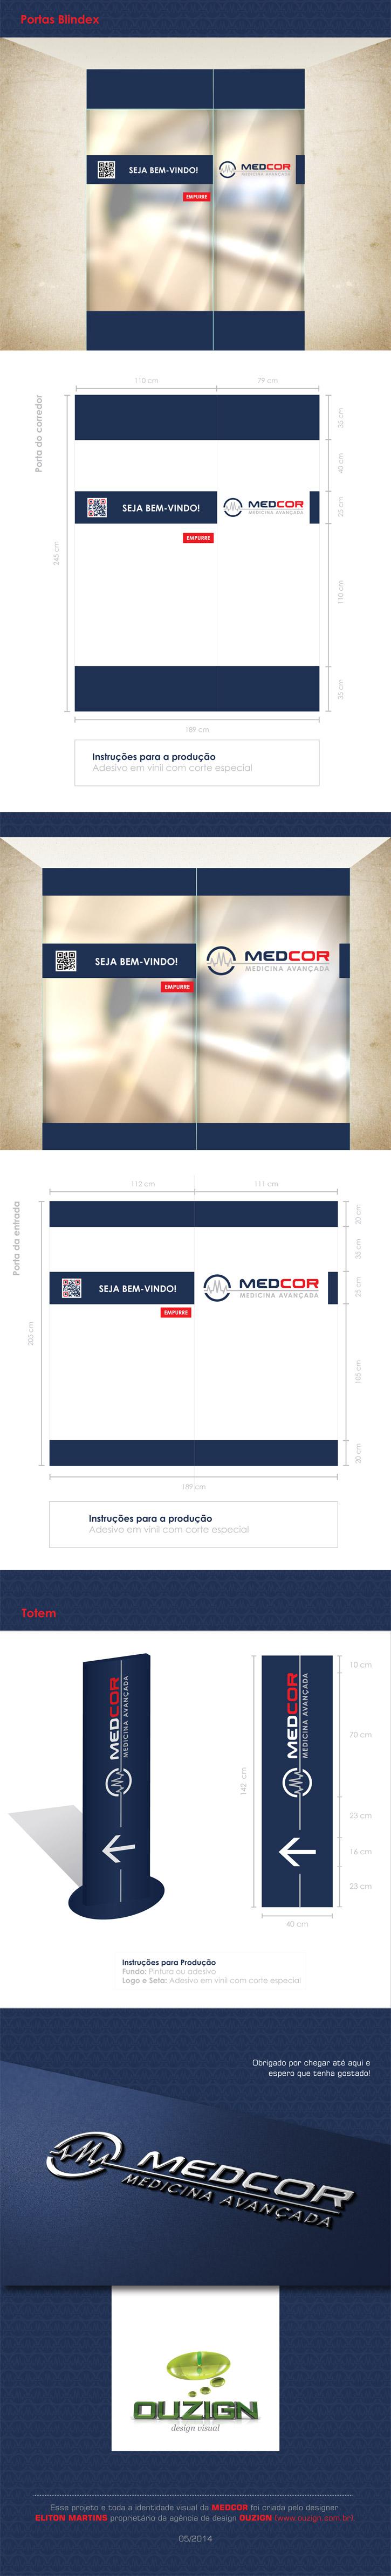 Apresentação Identidade Visual | MEDCOR - Medicina avançada (1)